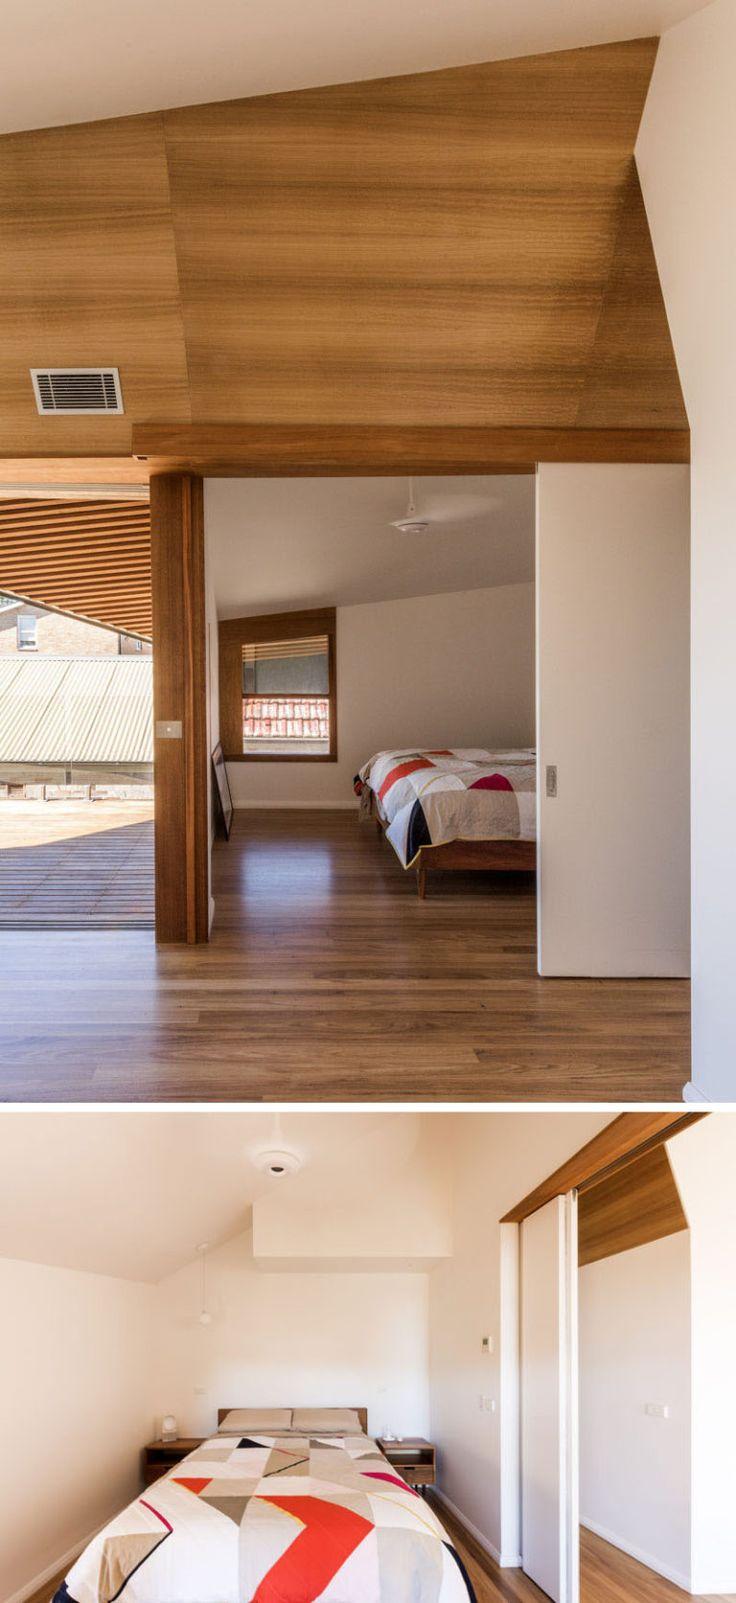 7 best Bett images on Pinterest   Betten, Wohnideen und Einrichtung